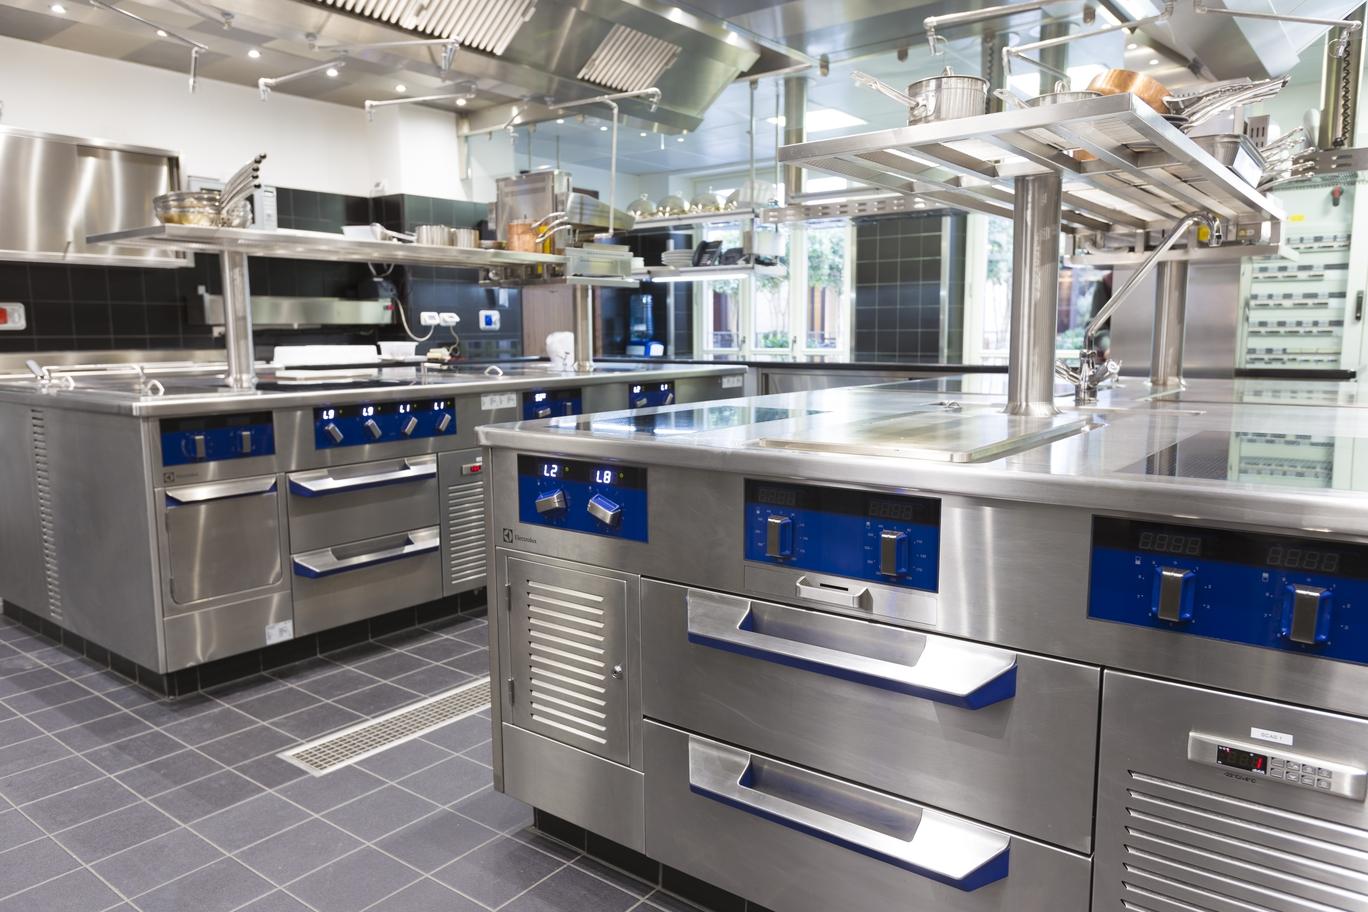 Cucine e lavanderia firmate Electrolux Professional al Mandarin ...